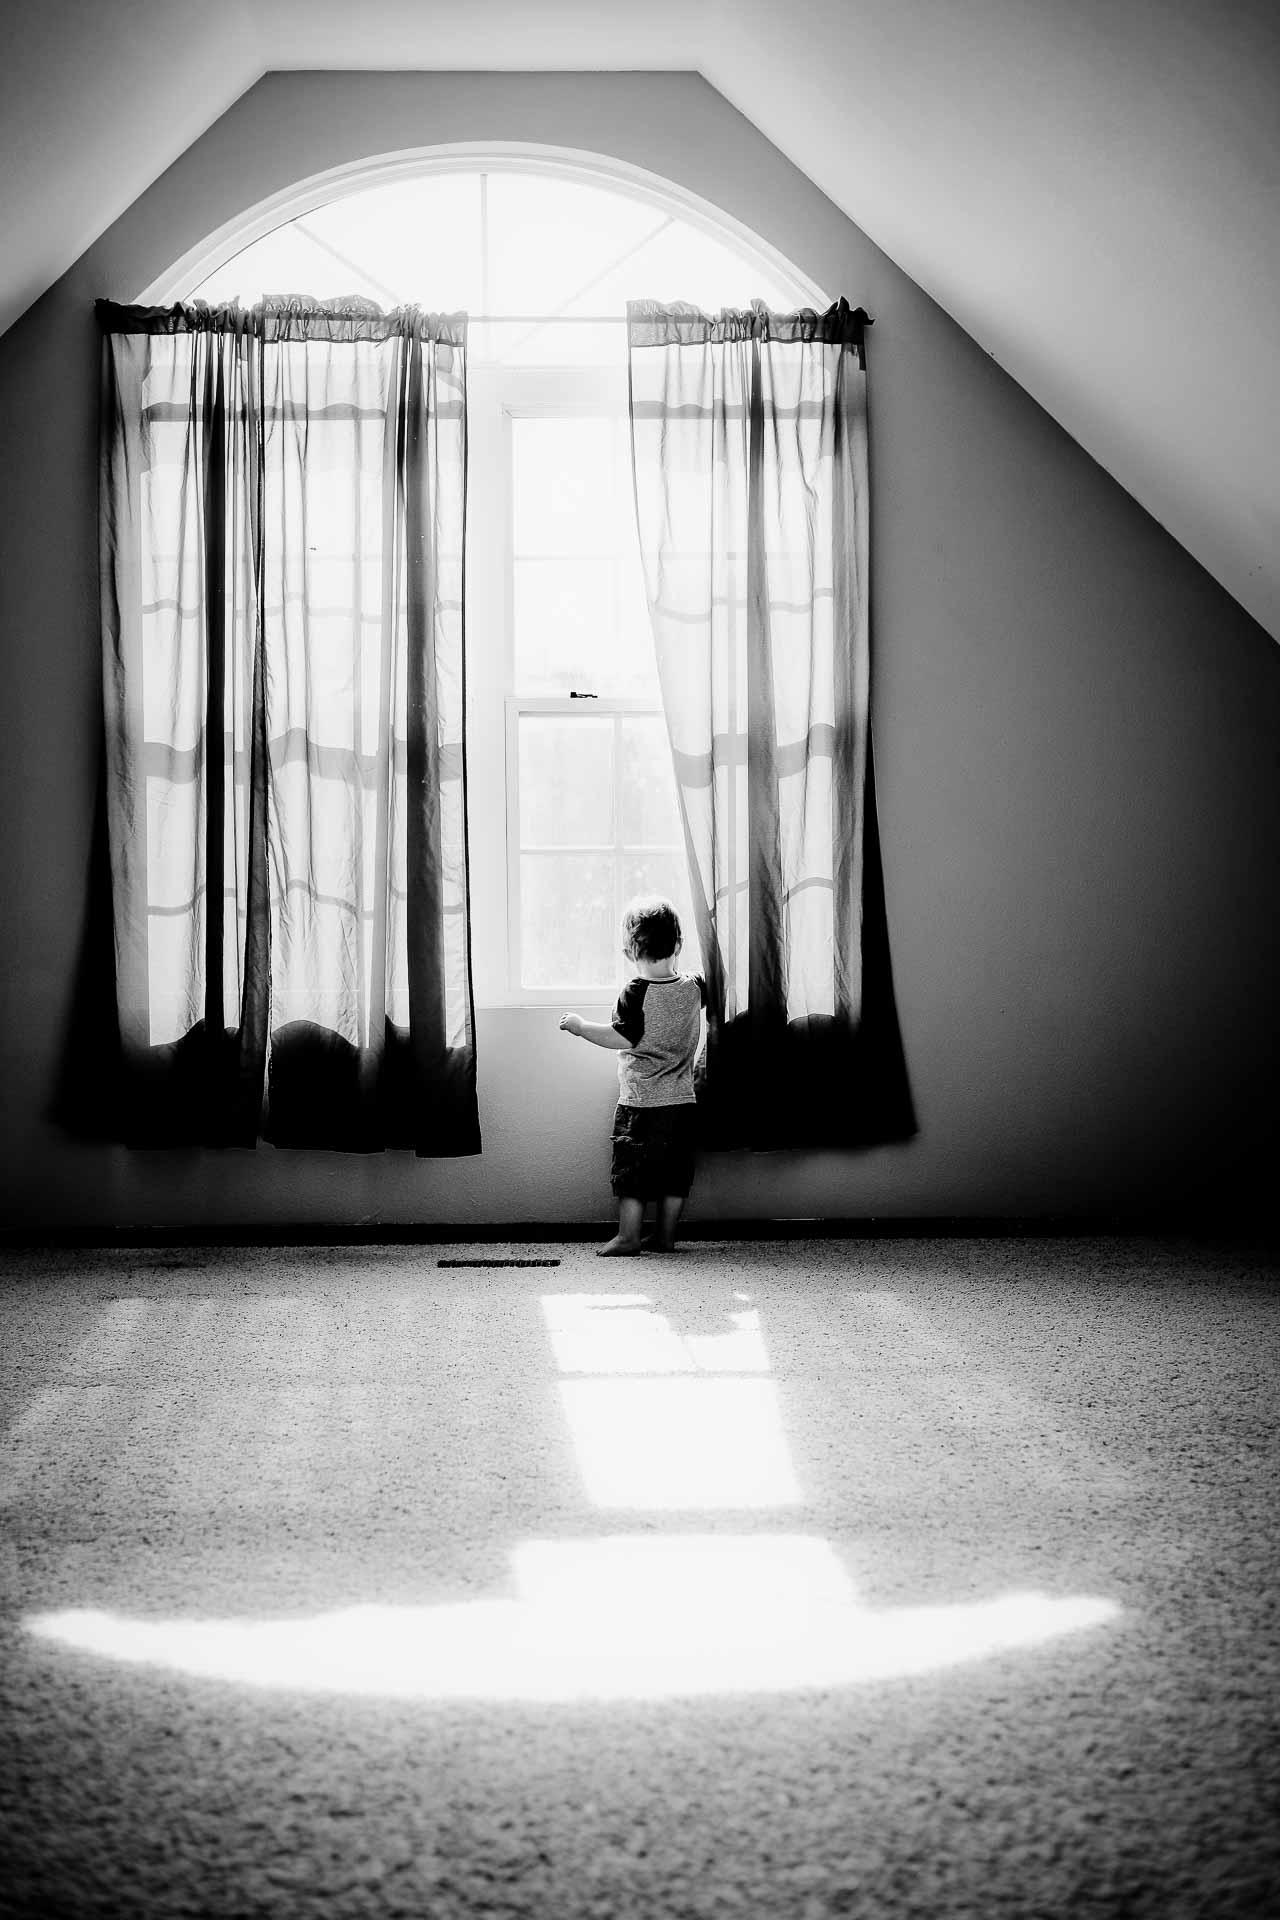 børnefotografering af børn i alle aldre